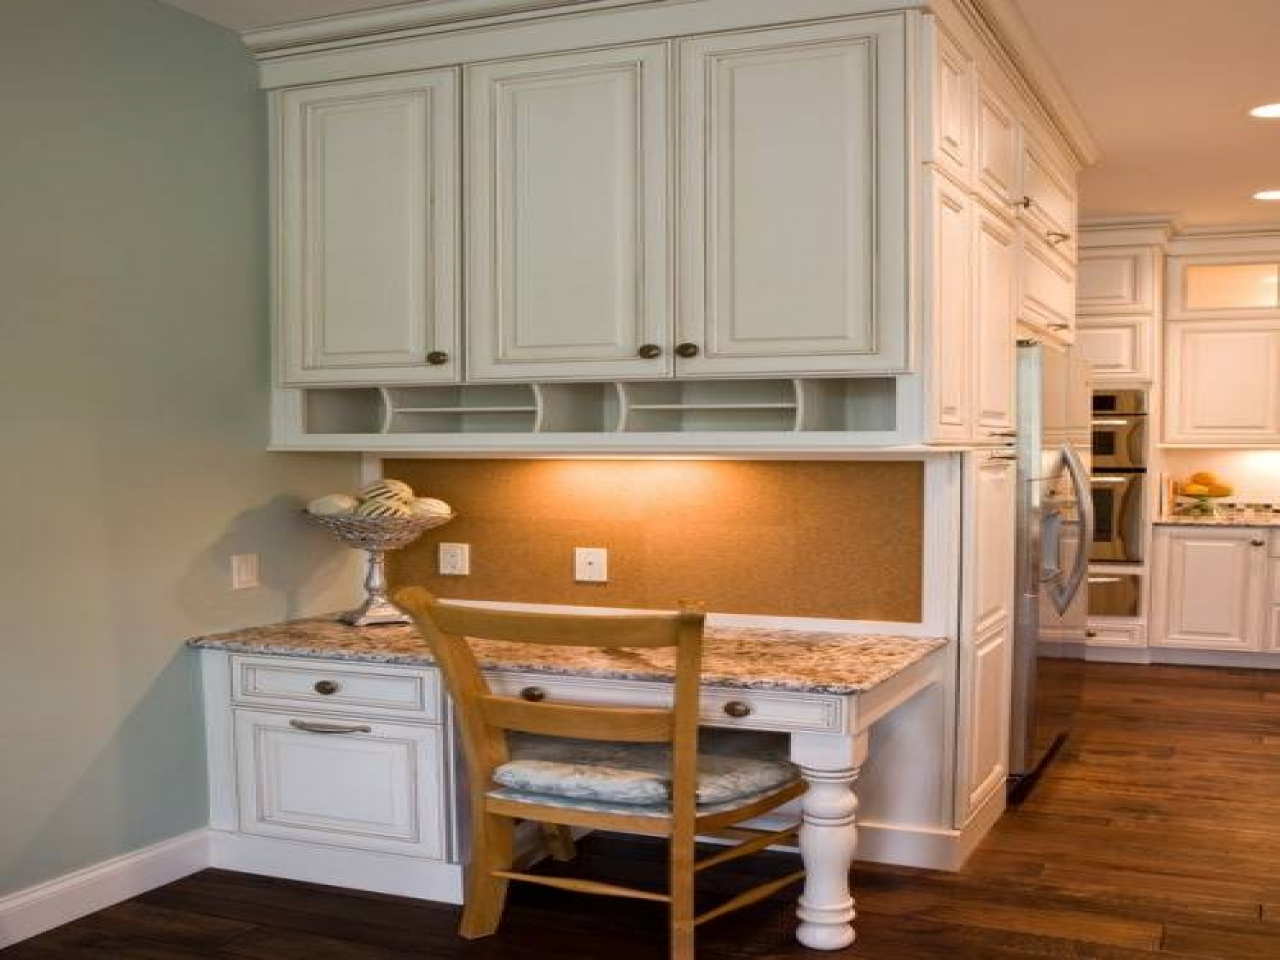 kitchen cabinet desk ideas photo - 3